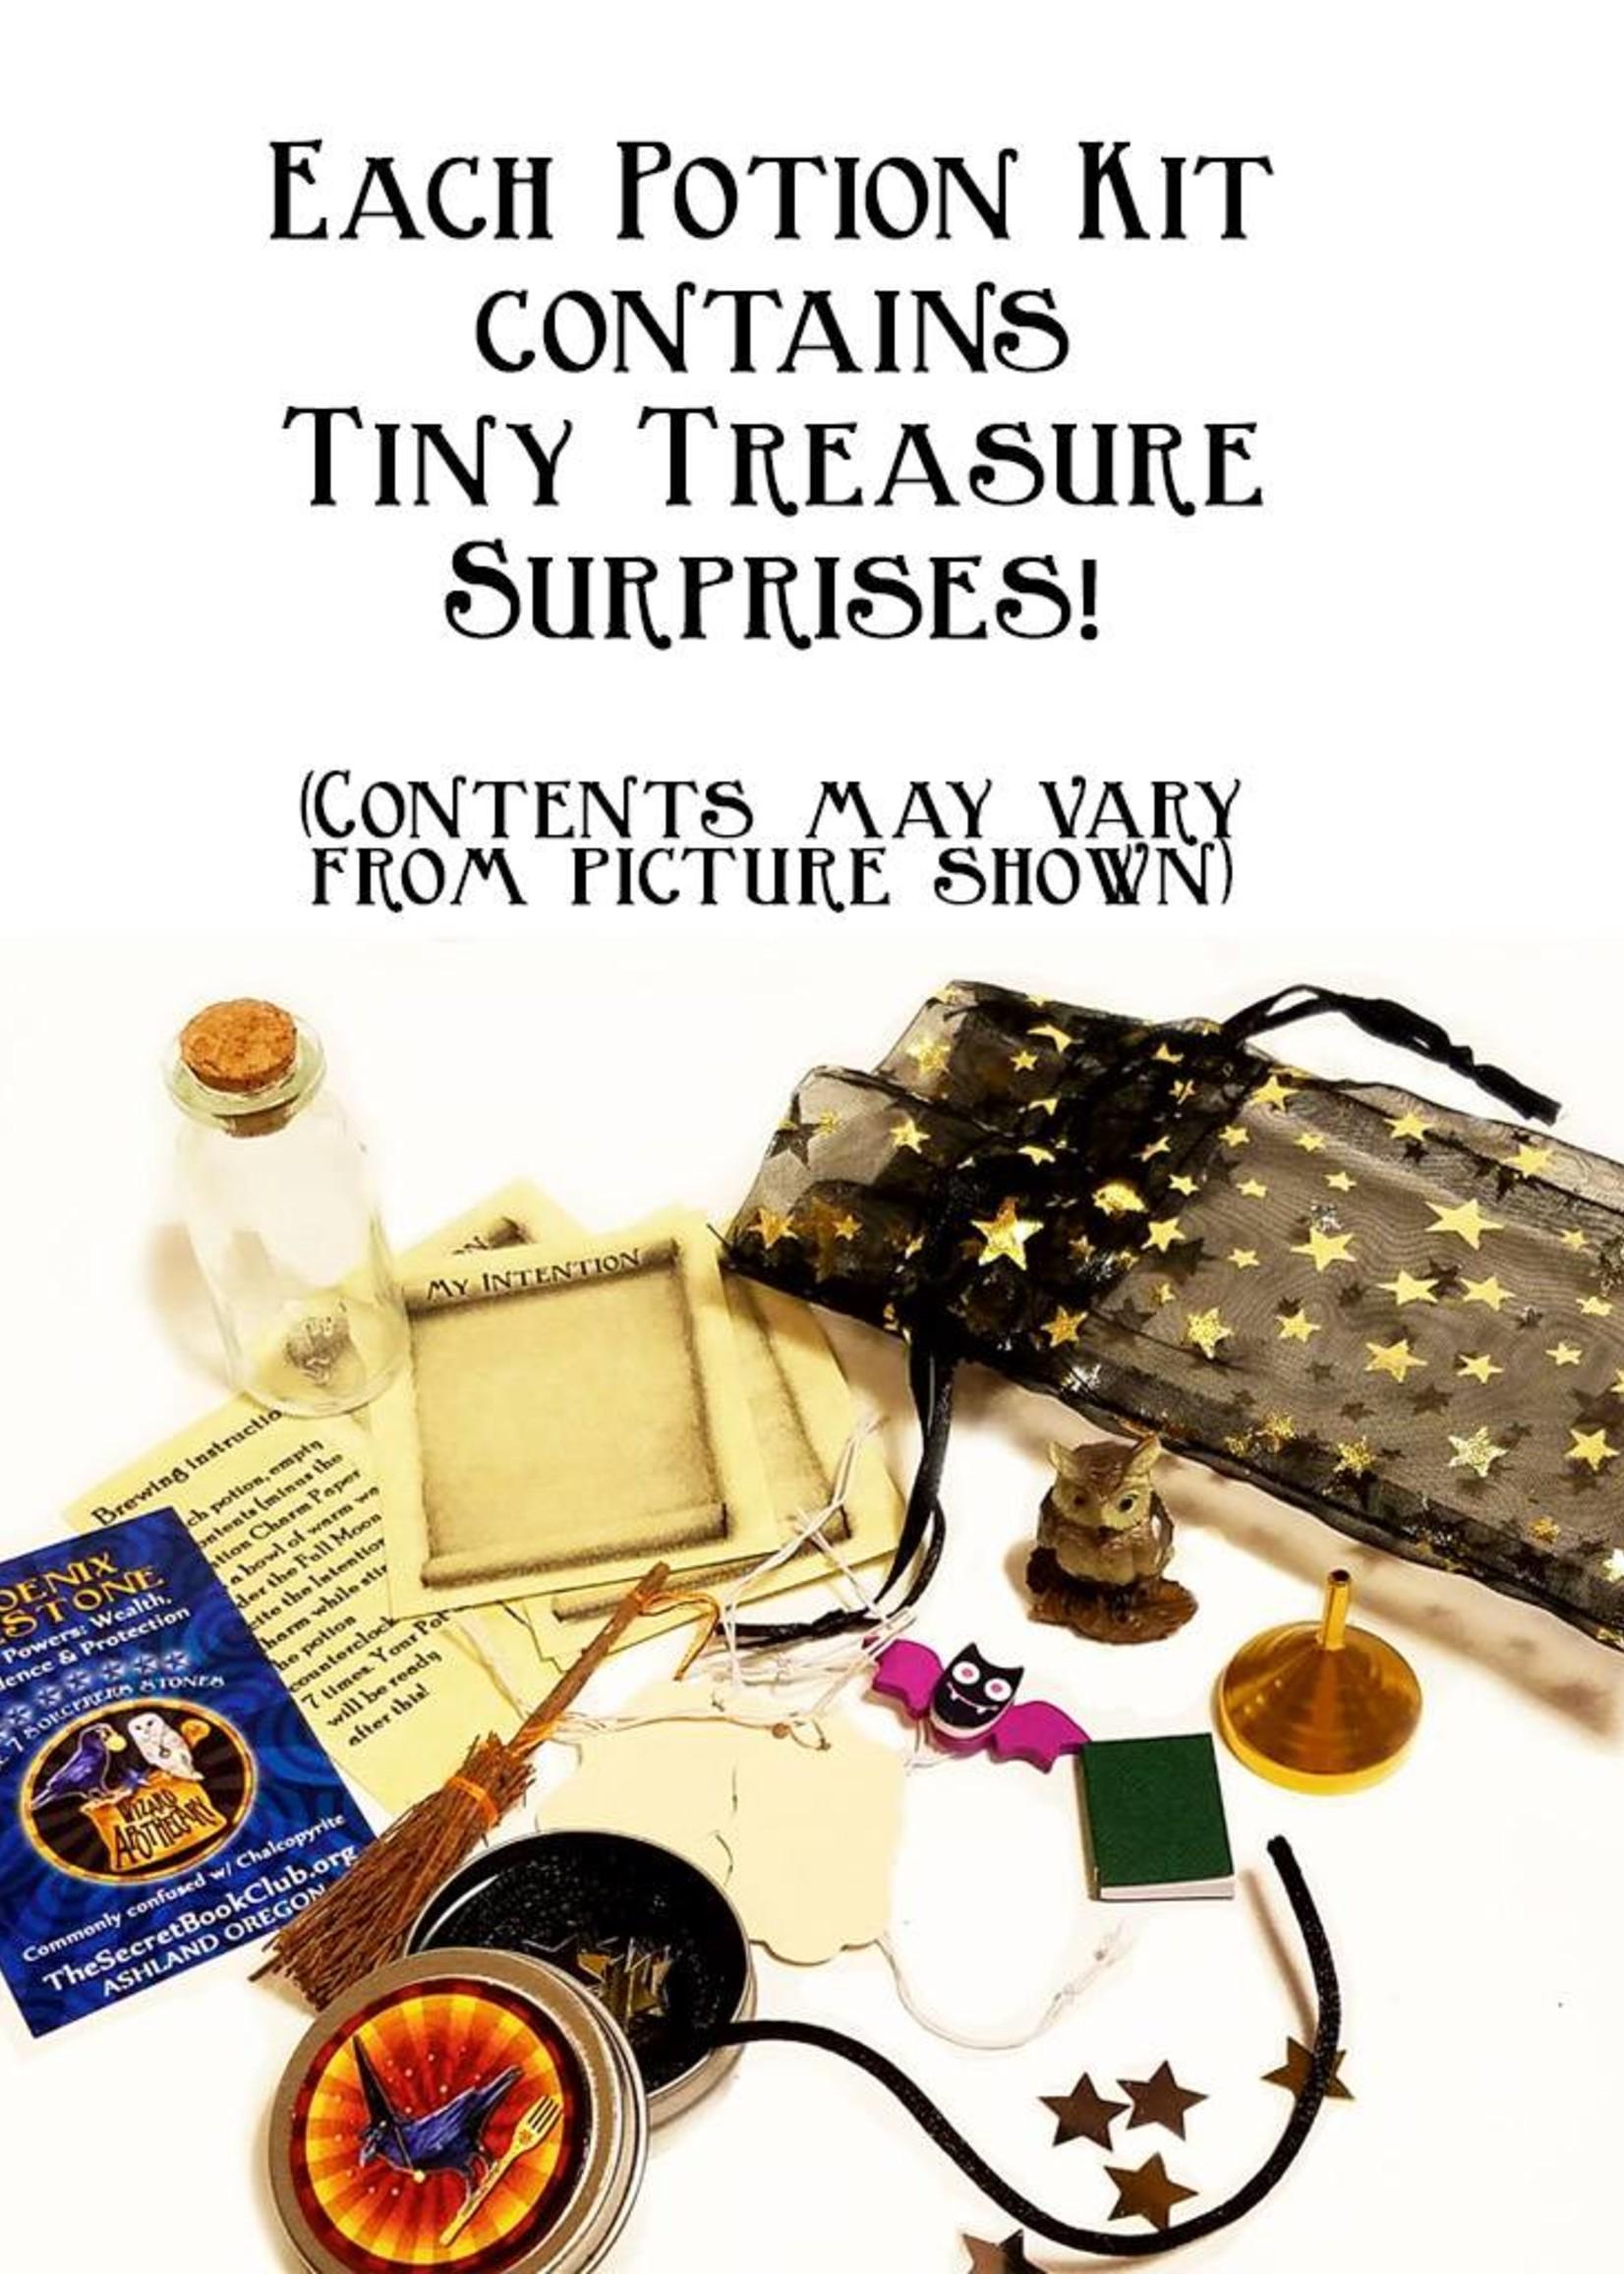 LadyJane Studios Secret Most Excellent Potion Kit